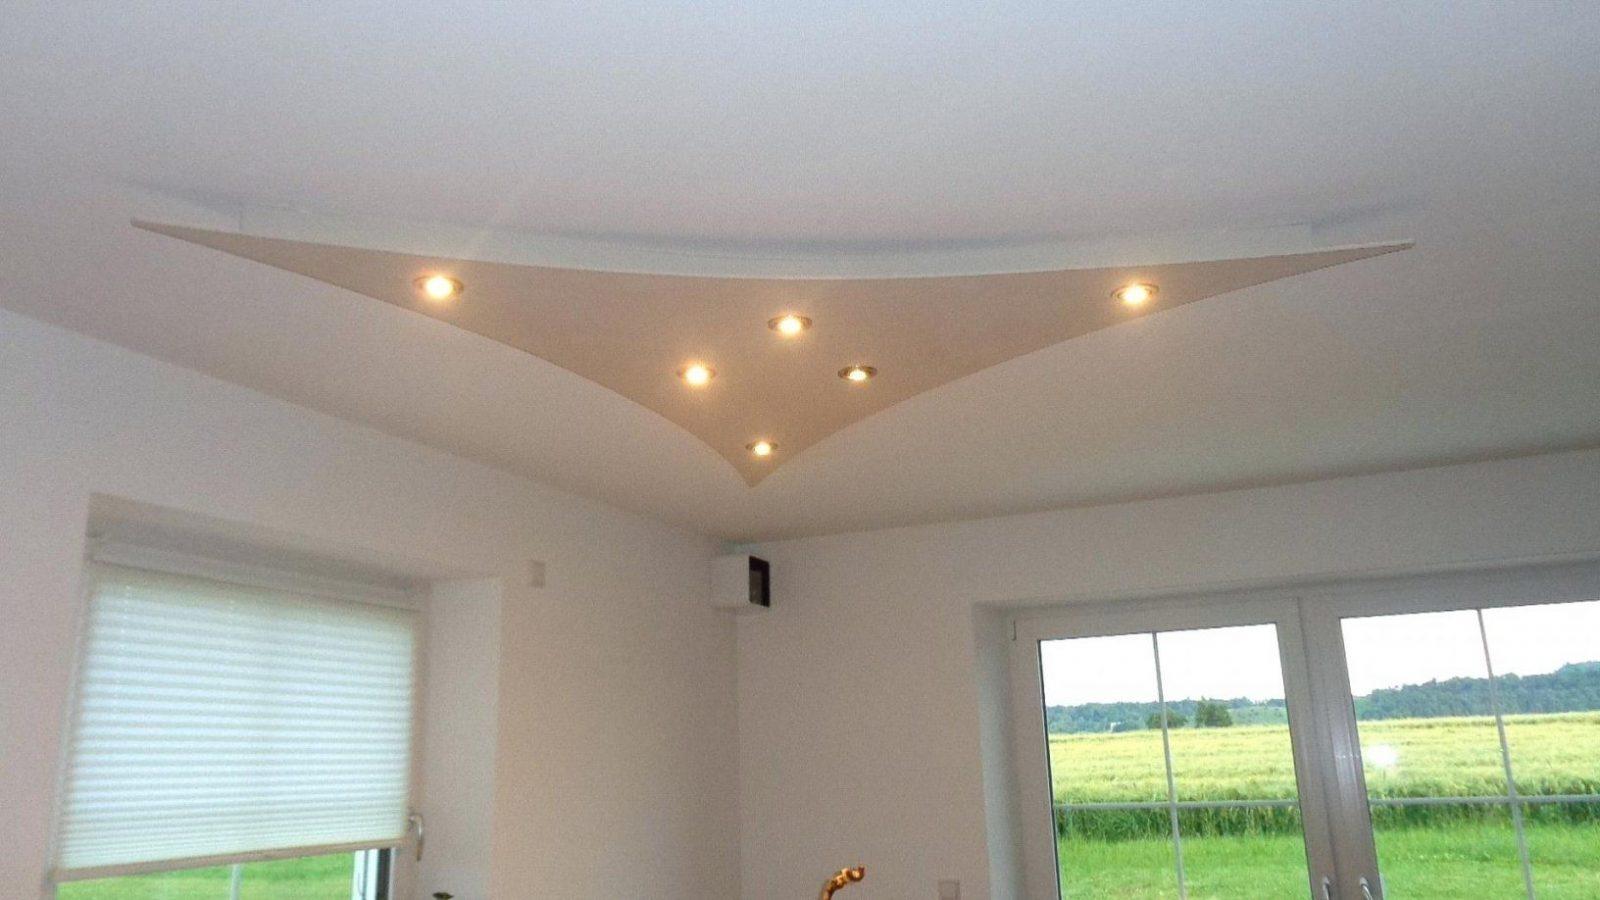 Decke Indirekte Beleuchtung Deckensegel Wind Led Selber Bauen von Indirekte Beleuchtung Selber Bauen Anleitung Bild